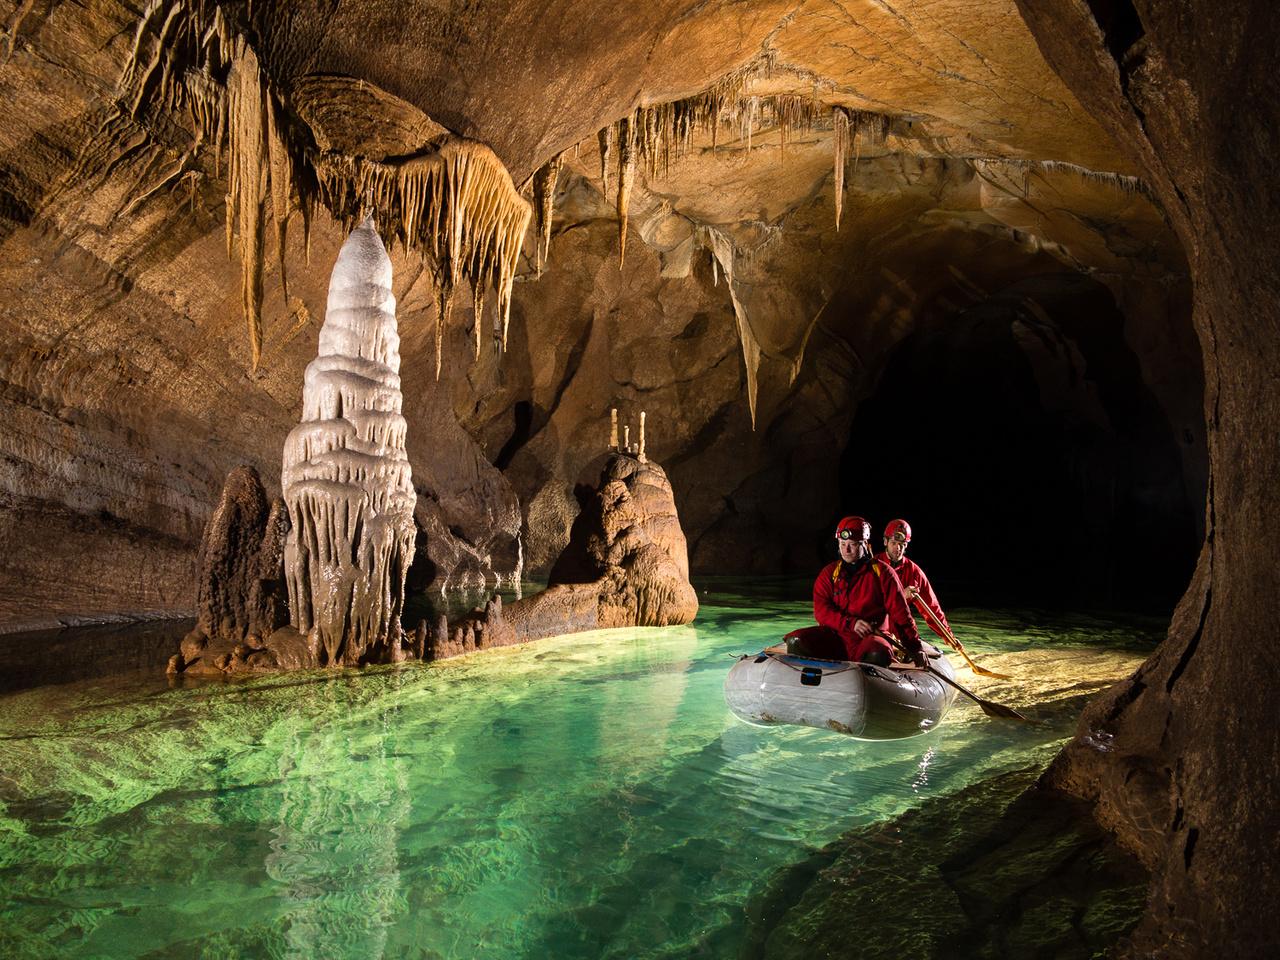 A Krizna Jama barlang csak speciális csónakok segítségével látogatható. A 45 darab smaragdzöld, kristály tiszta, föld alatti tavon átevezve tekinthetjük meg a barlang leglátványosabb járatait, amely akár több mint 8 órát is igénybe vehet.